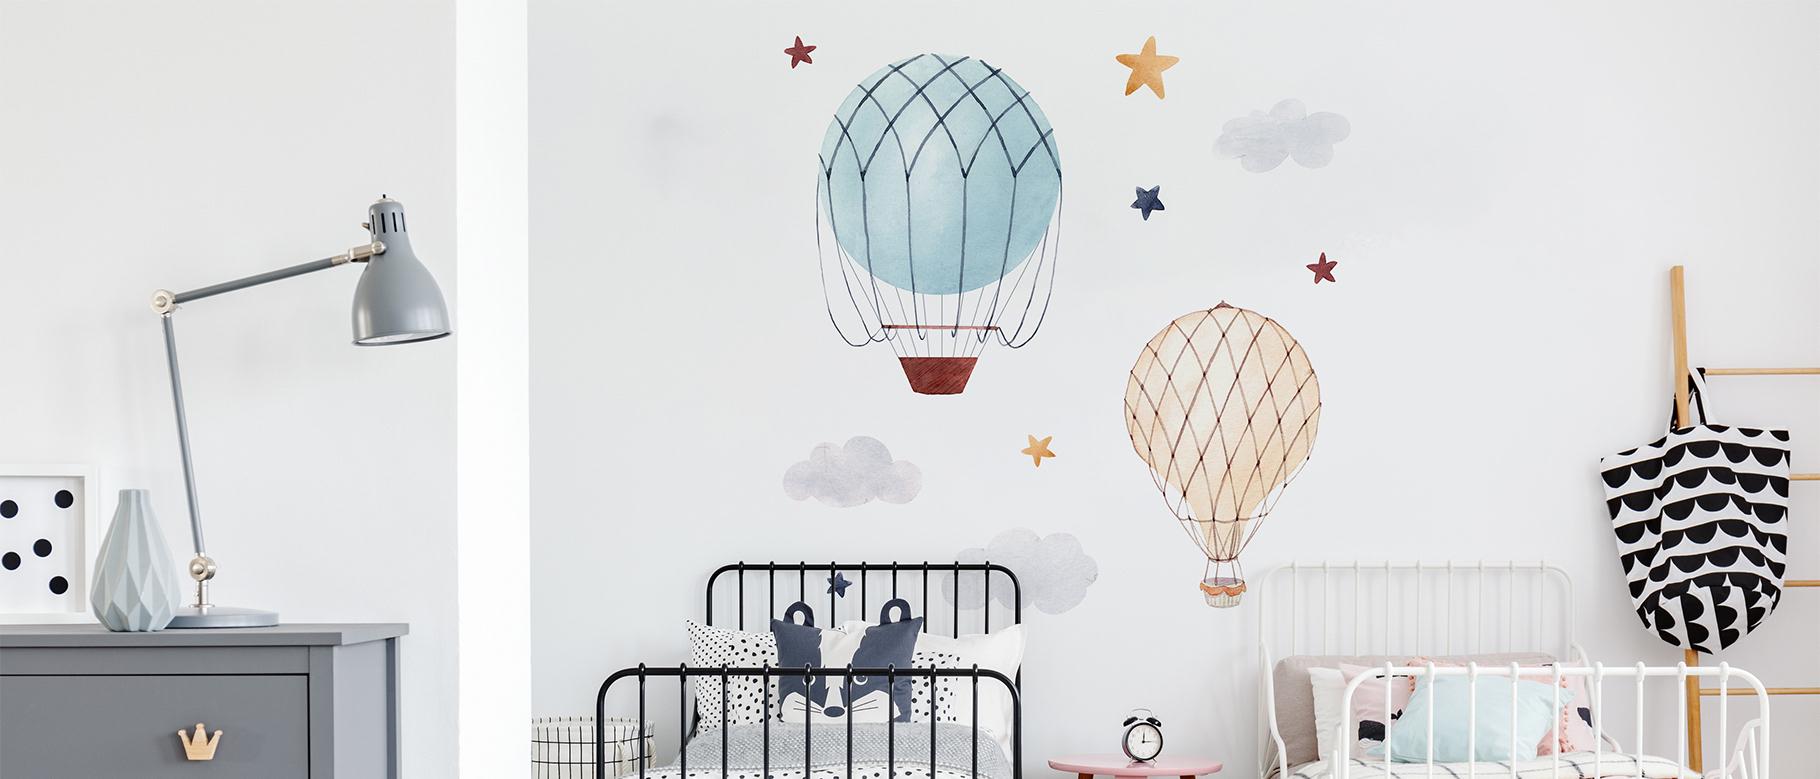 Naklejka latające balony